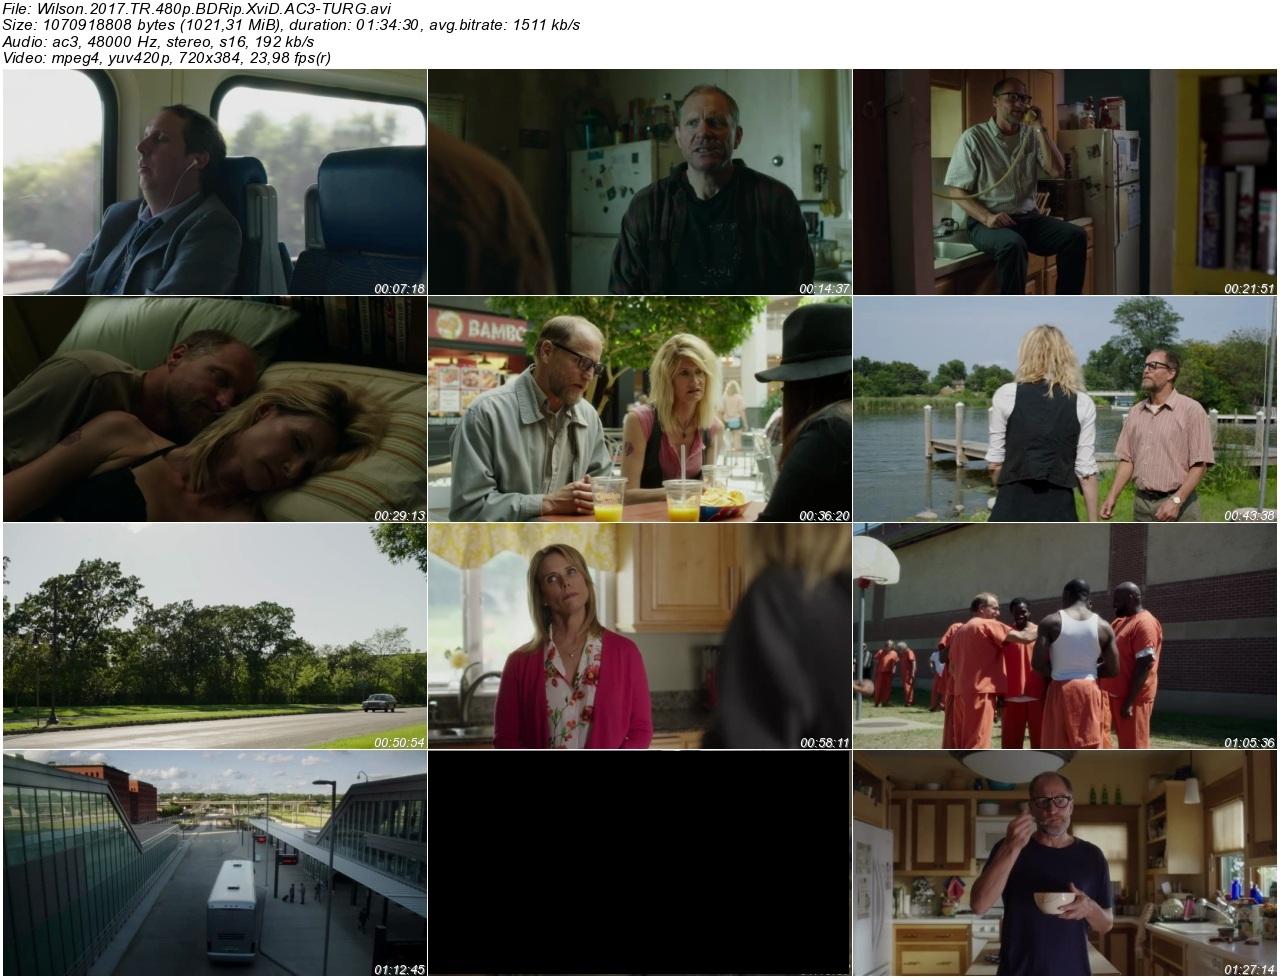 Wilson 2017 - 1080p 720p 480p - Türkçe Dublaj Tek Link indir